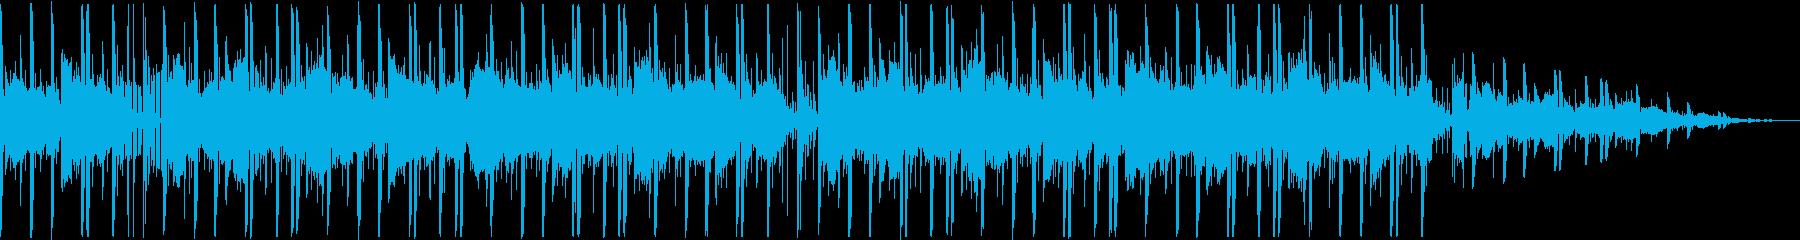 ブレイクが8小節のたびに入りますの再生済みの波形